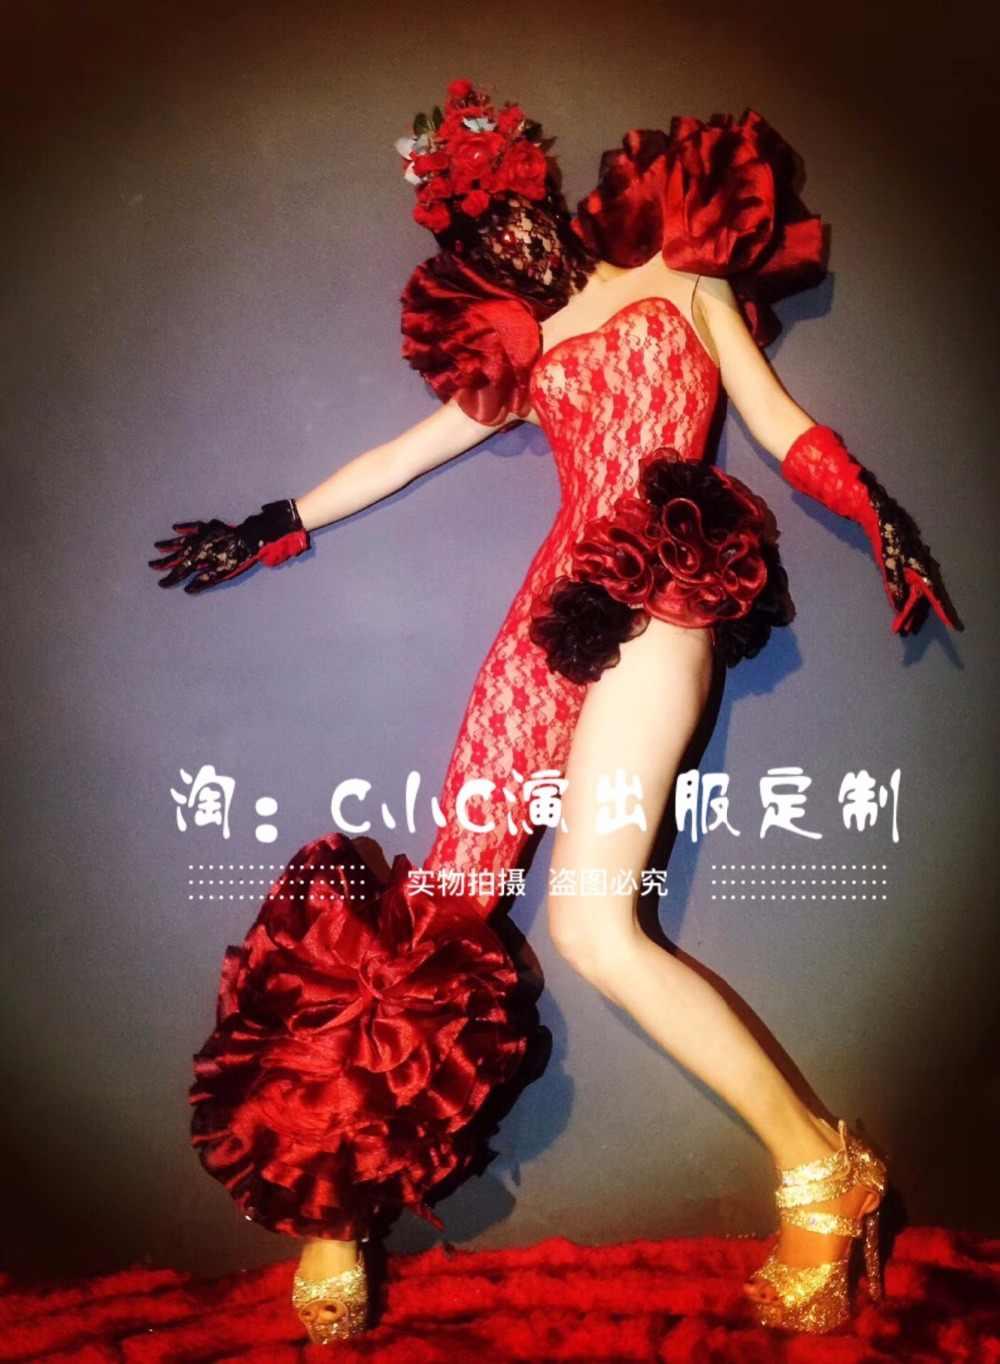 2020 Frauen Neue Baldachin Blume Dance Party Atmosphärischen Party Show Sexy Red Overall Anzug Nachtclub Kostüm Feier Geburtstag